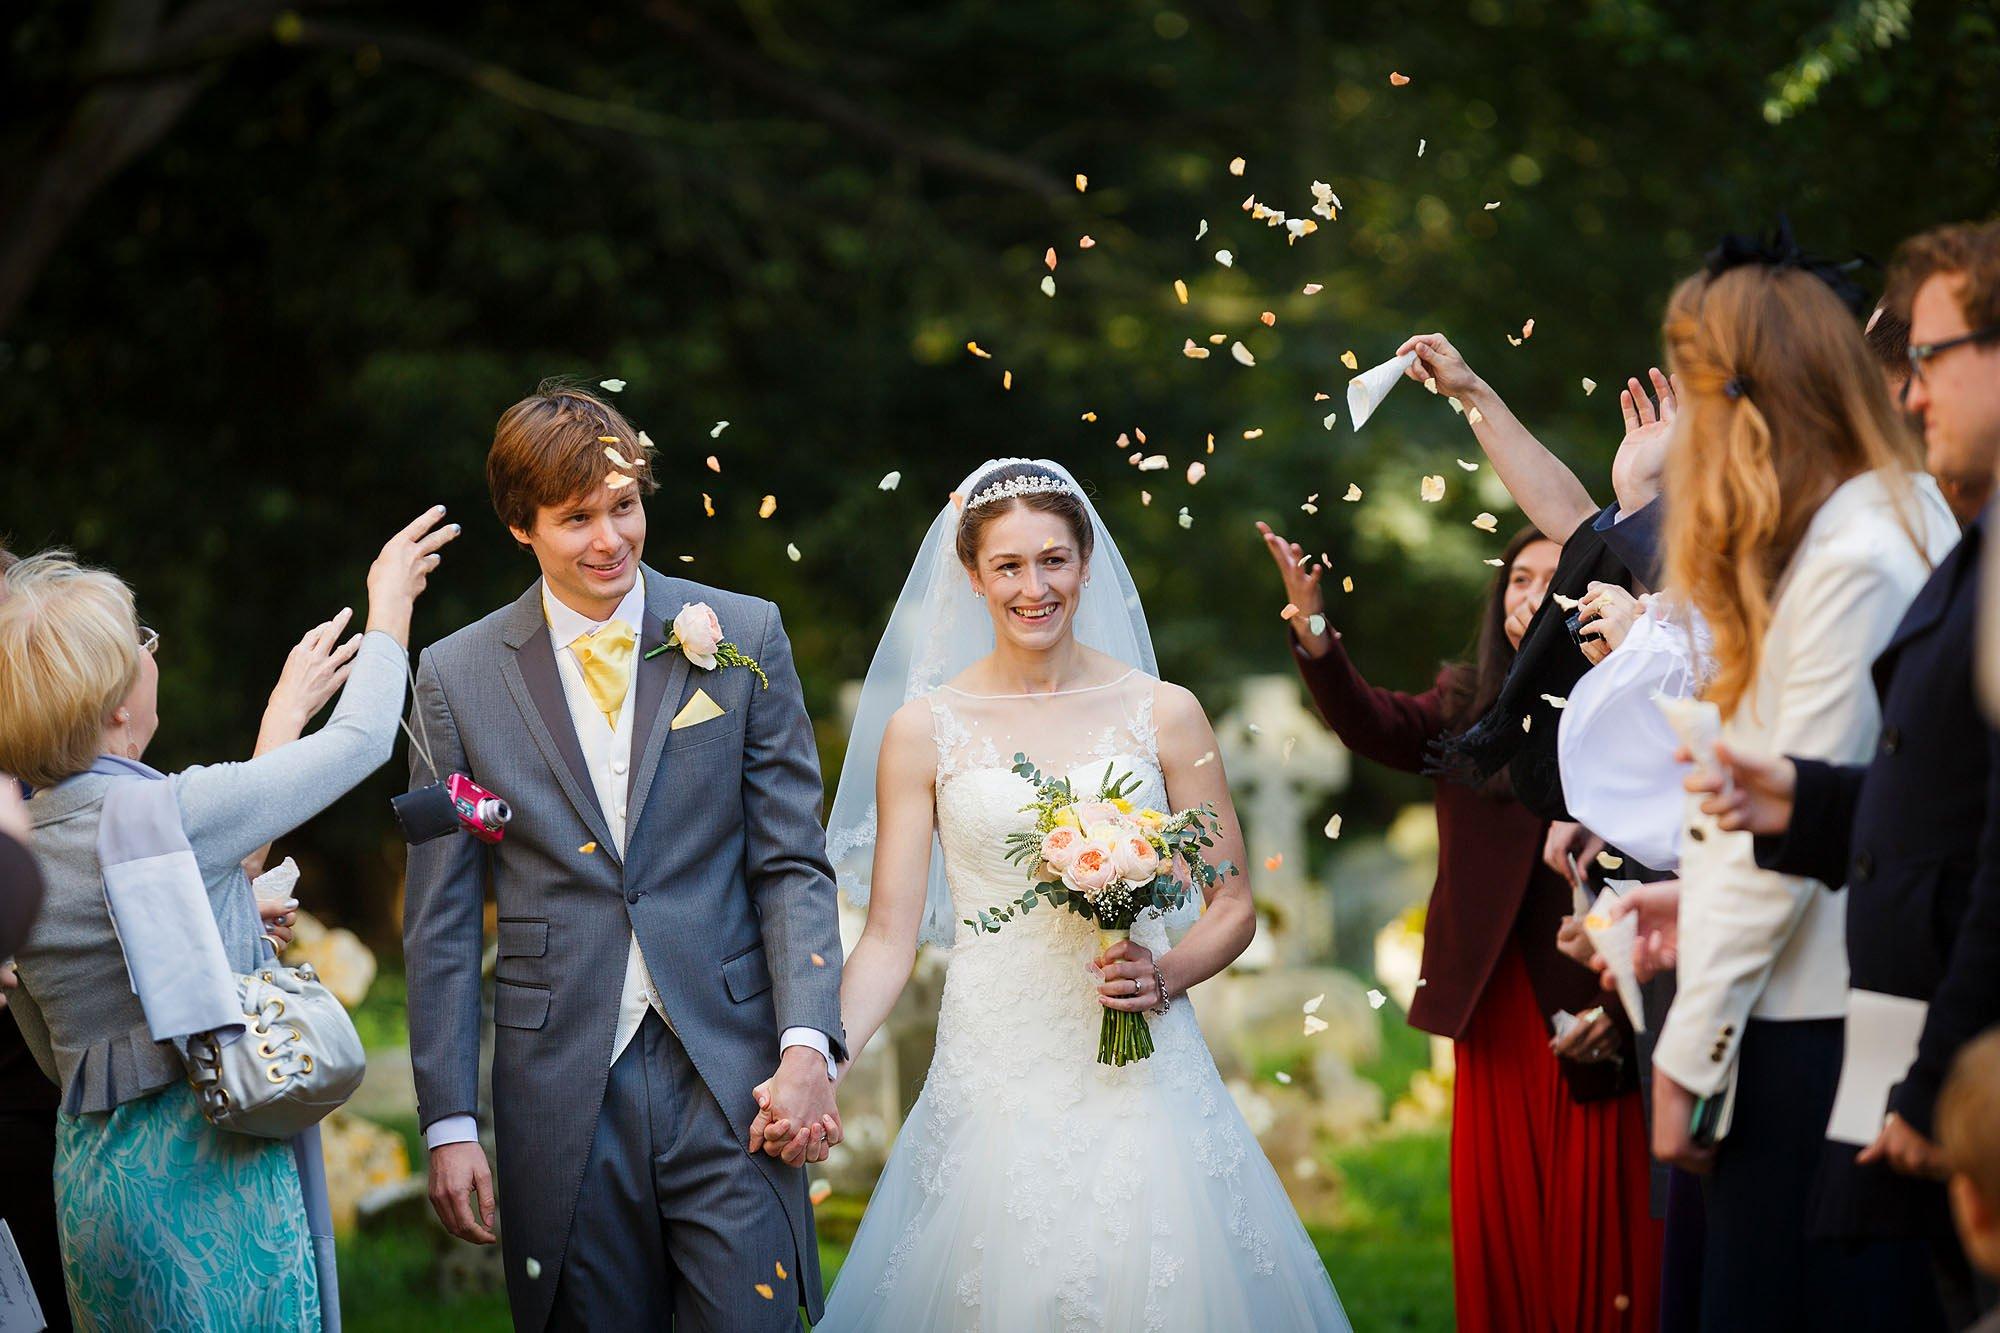 Emma & Daniel's wedding at Glemham